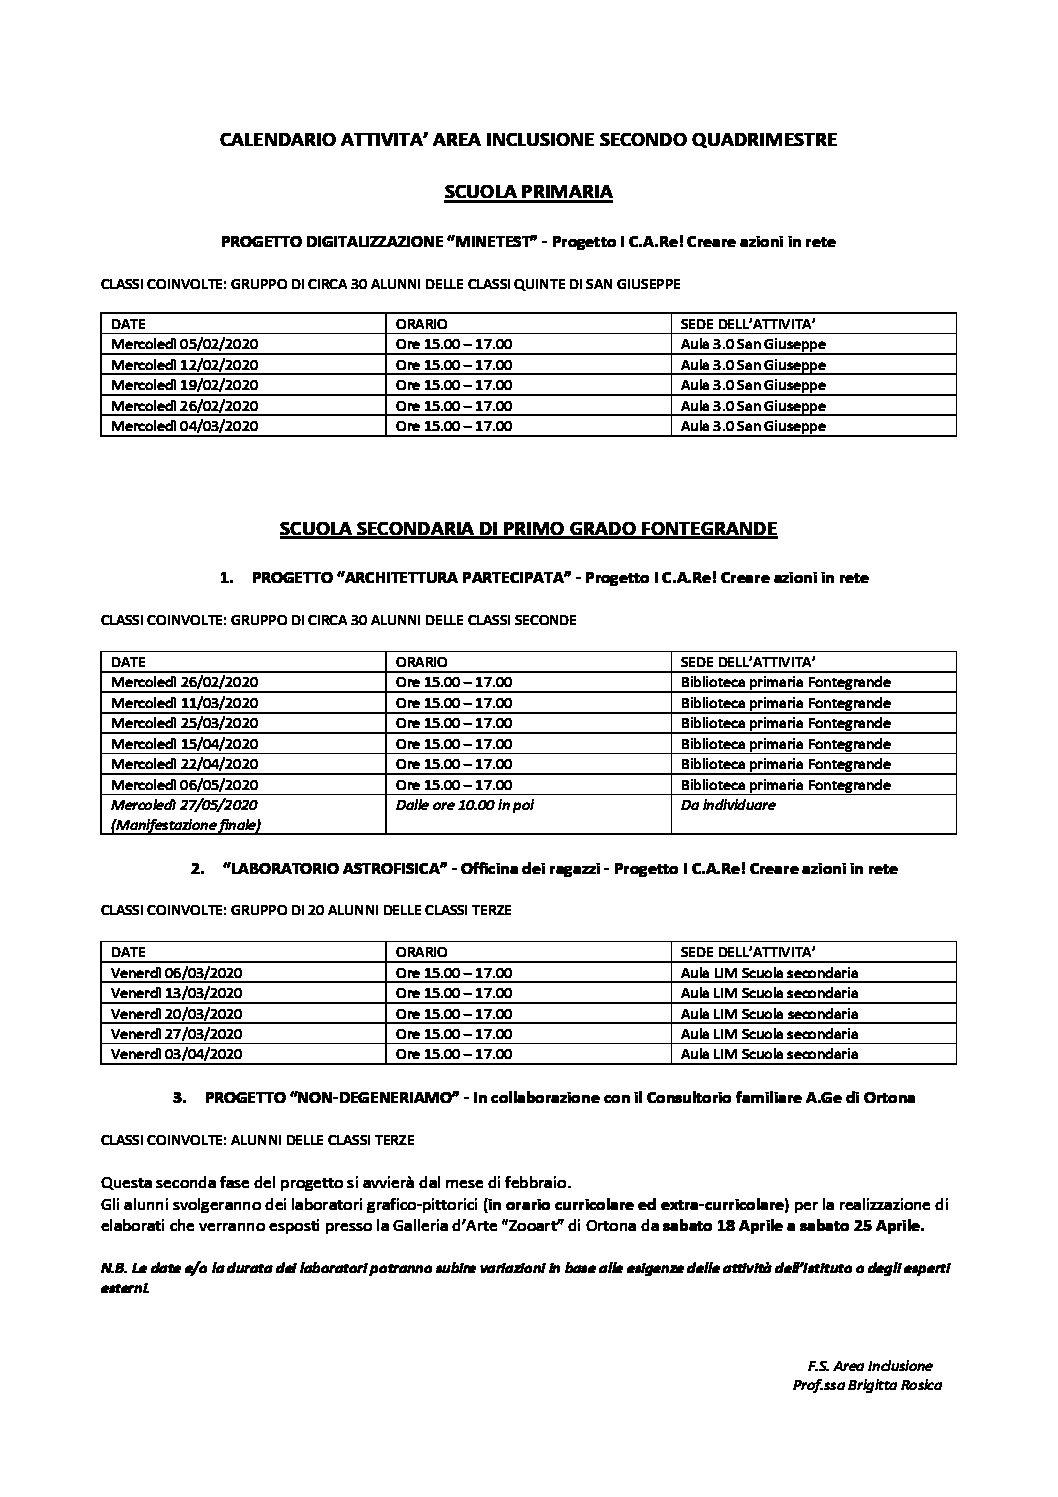 Calendario Attività Inclusione II quadrimestre